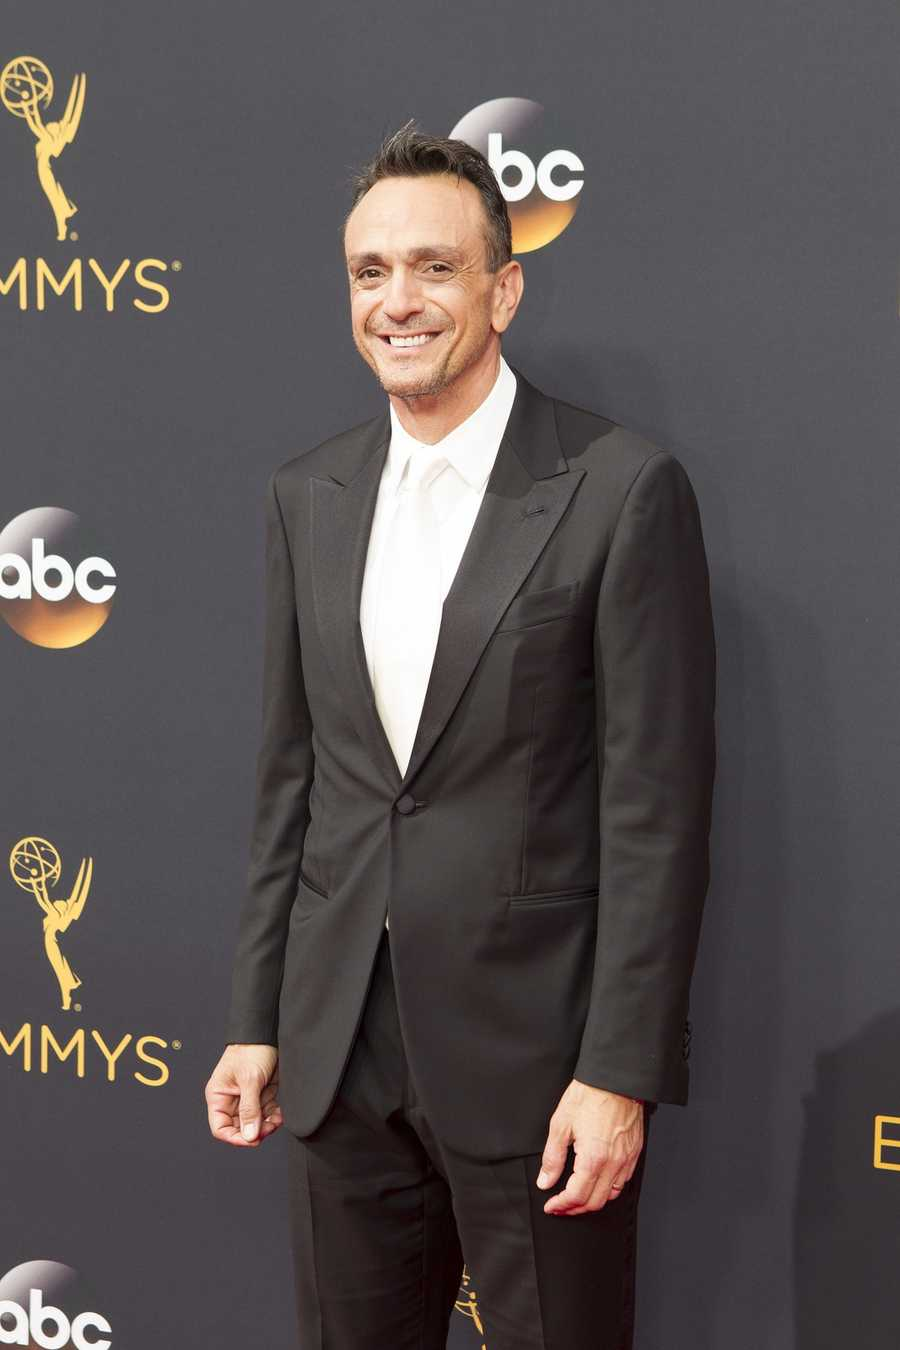 Actor/producer Hank Azara